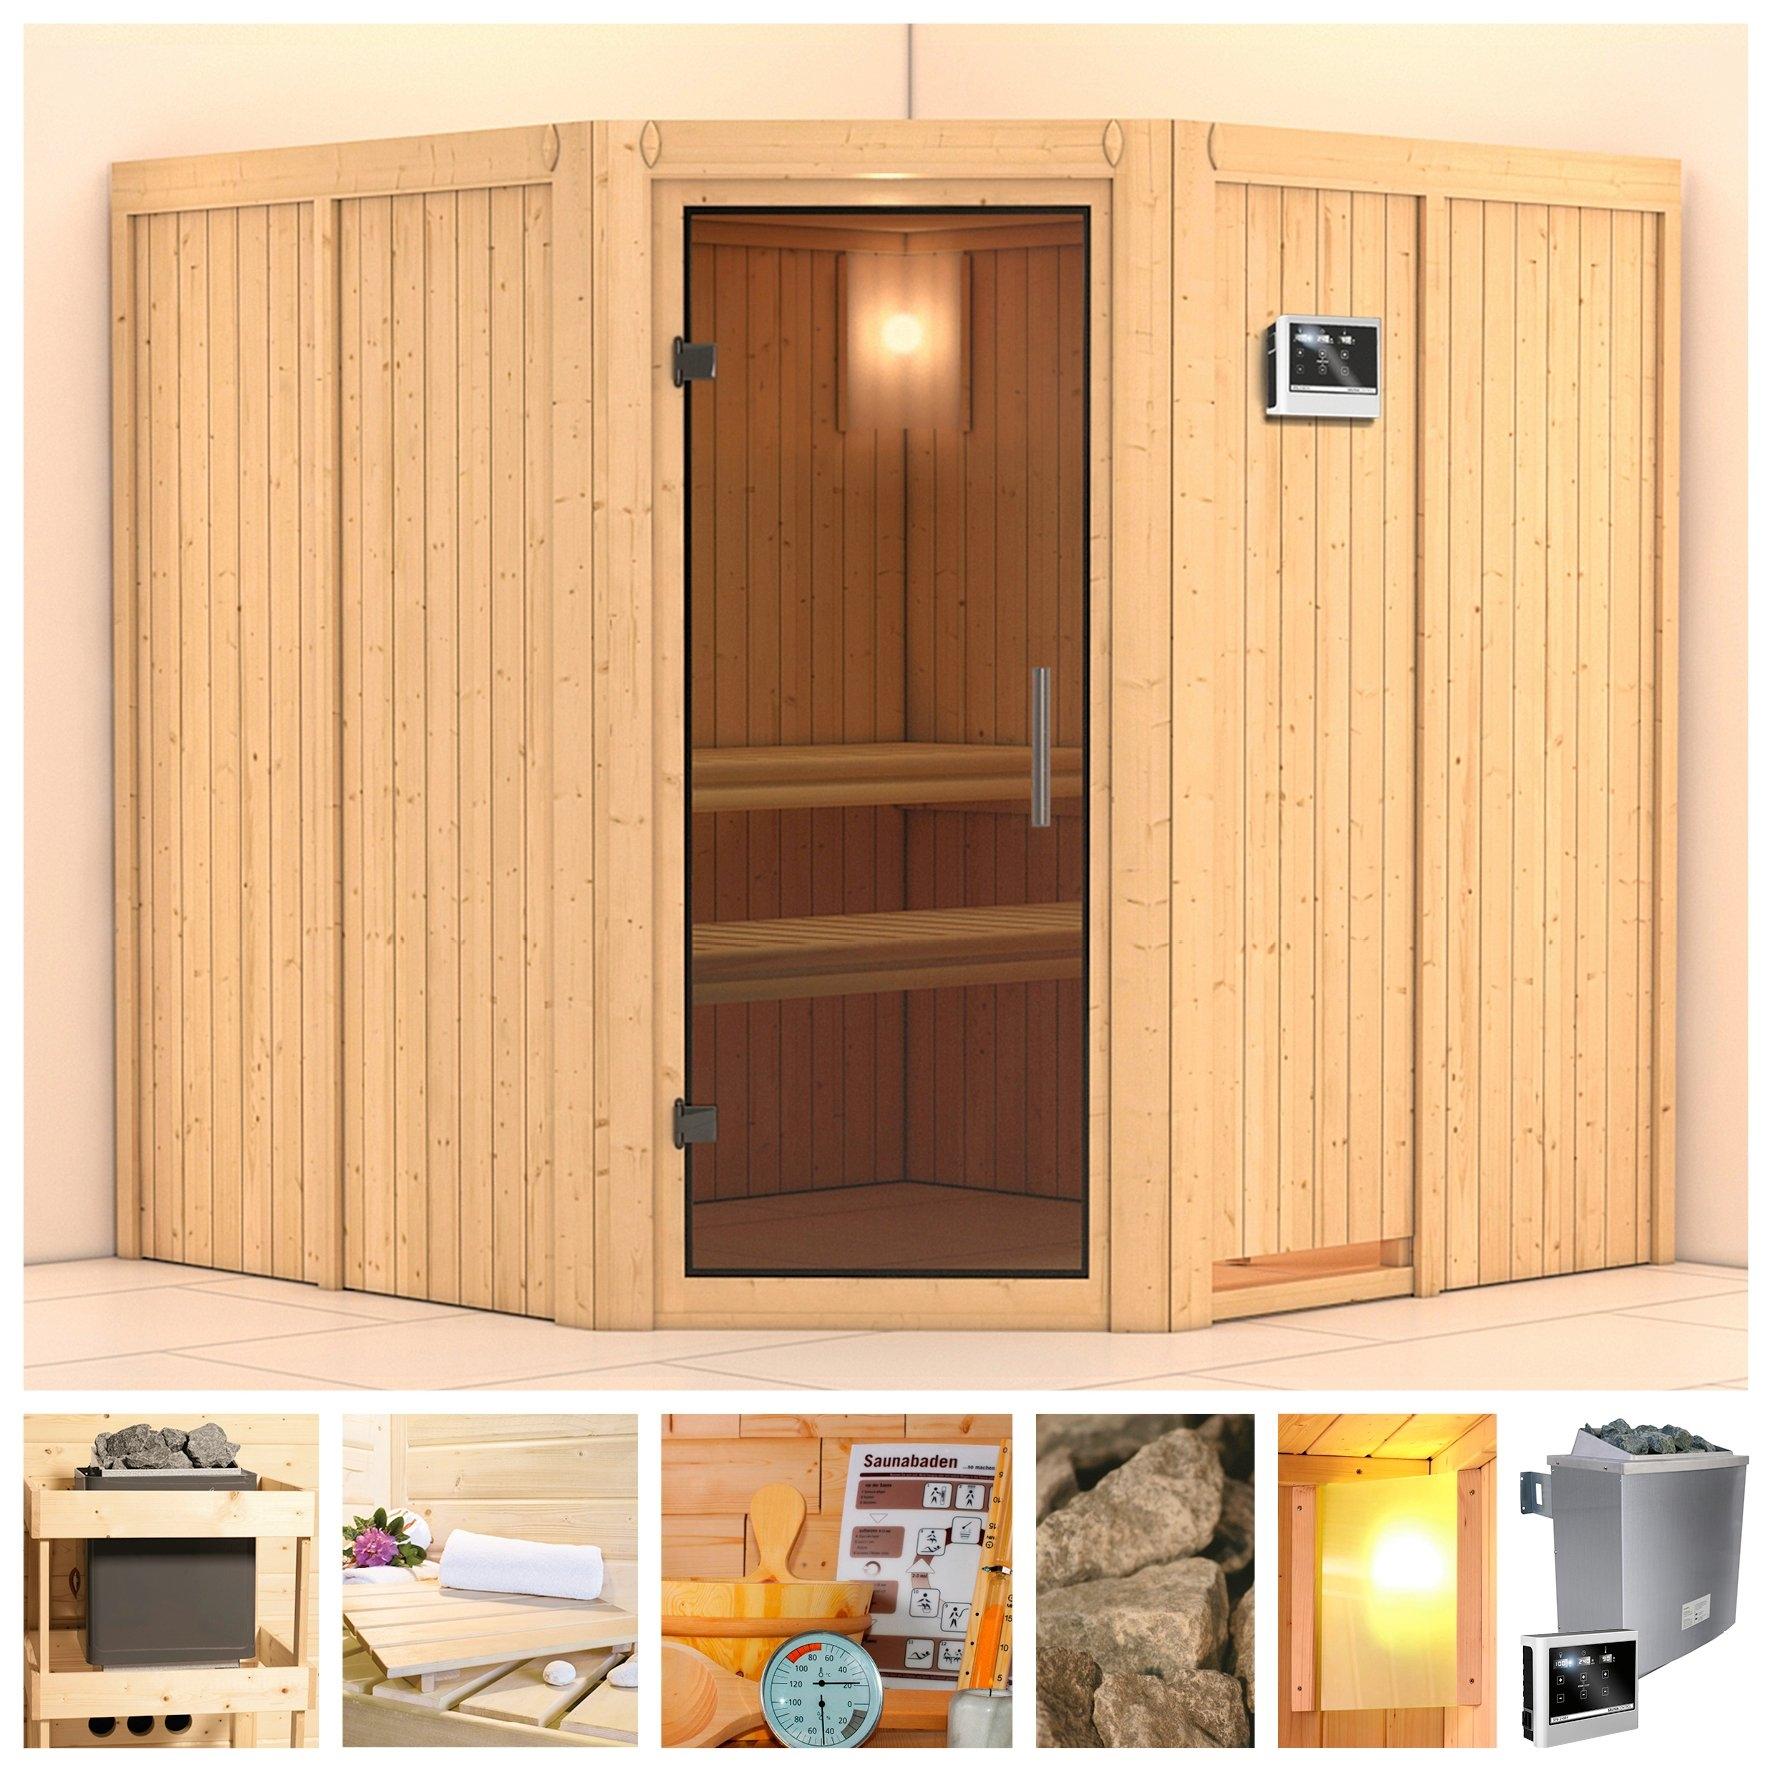 KONIFERA sauna »Jarin«, 196/196/198 cm, 9-kW-Ofen mit ext. Steuerung, Glastür grafit online kopen op otto.nl